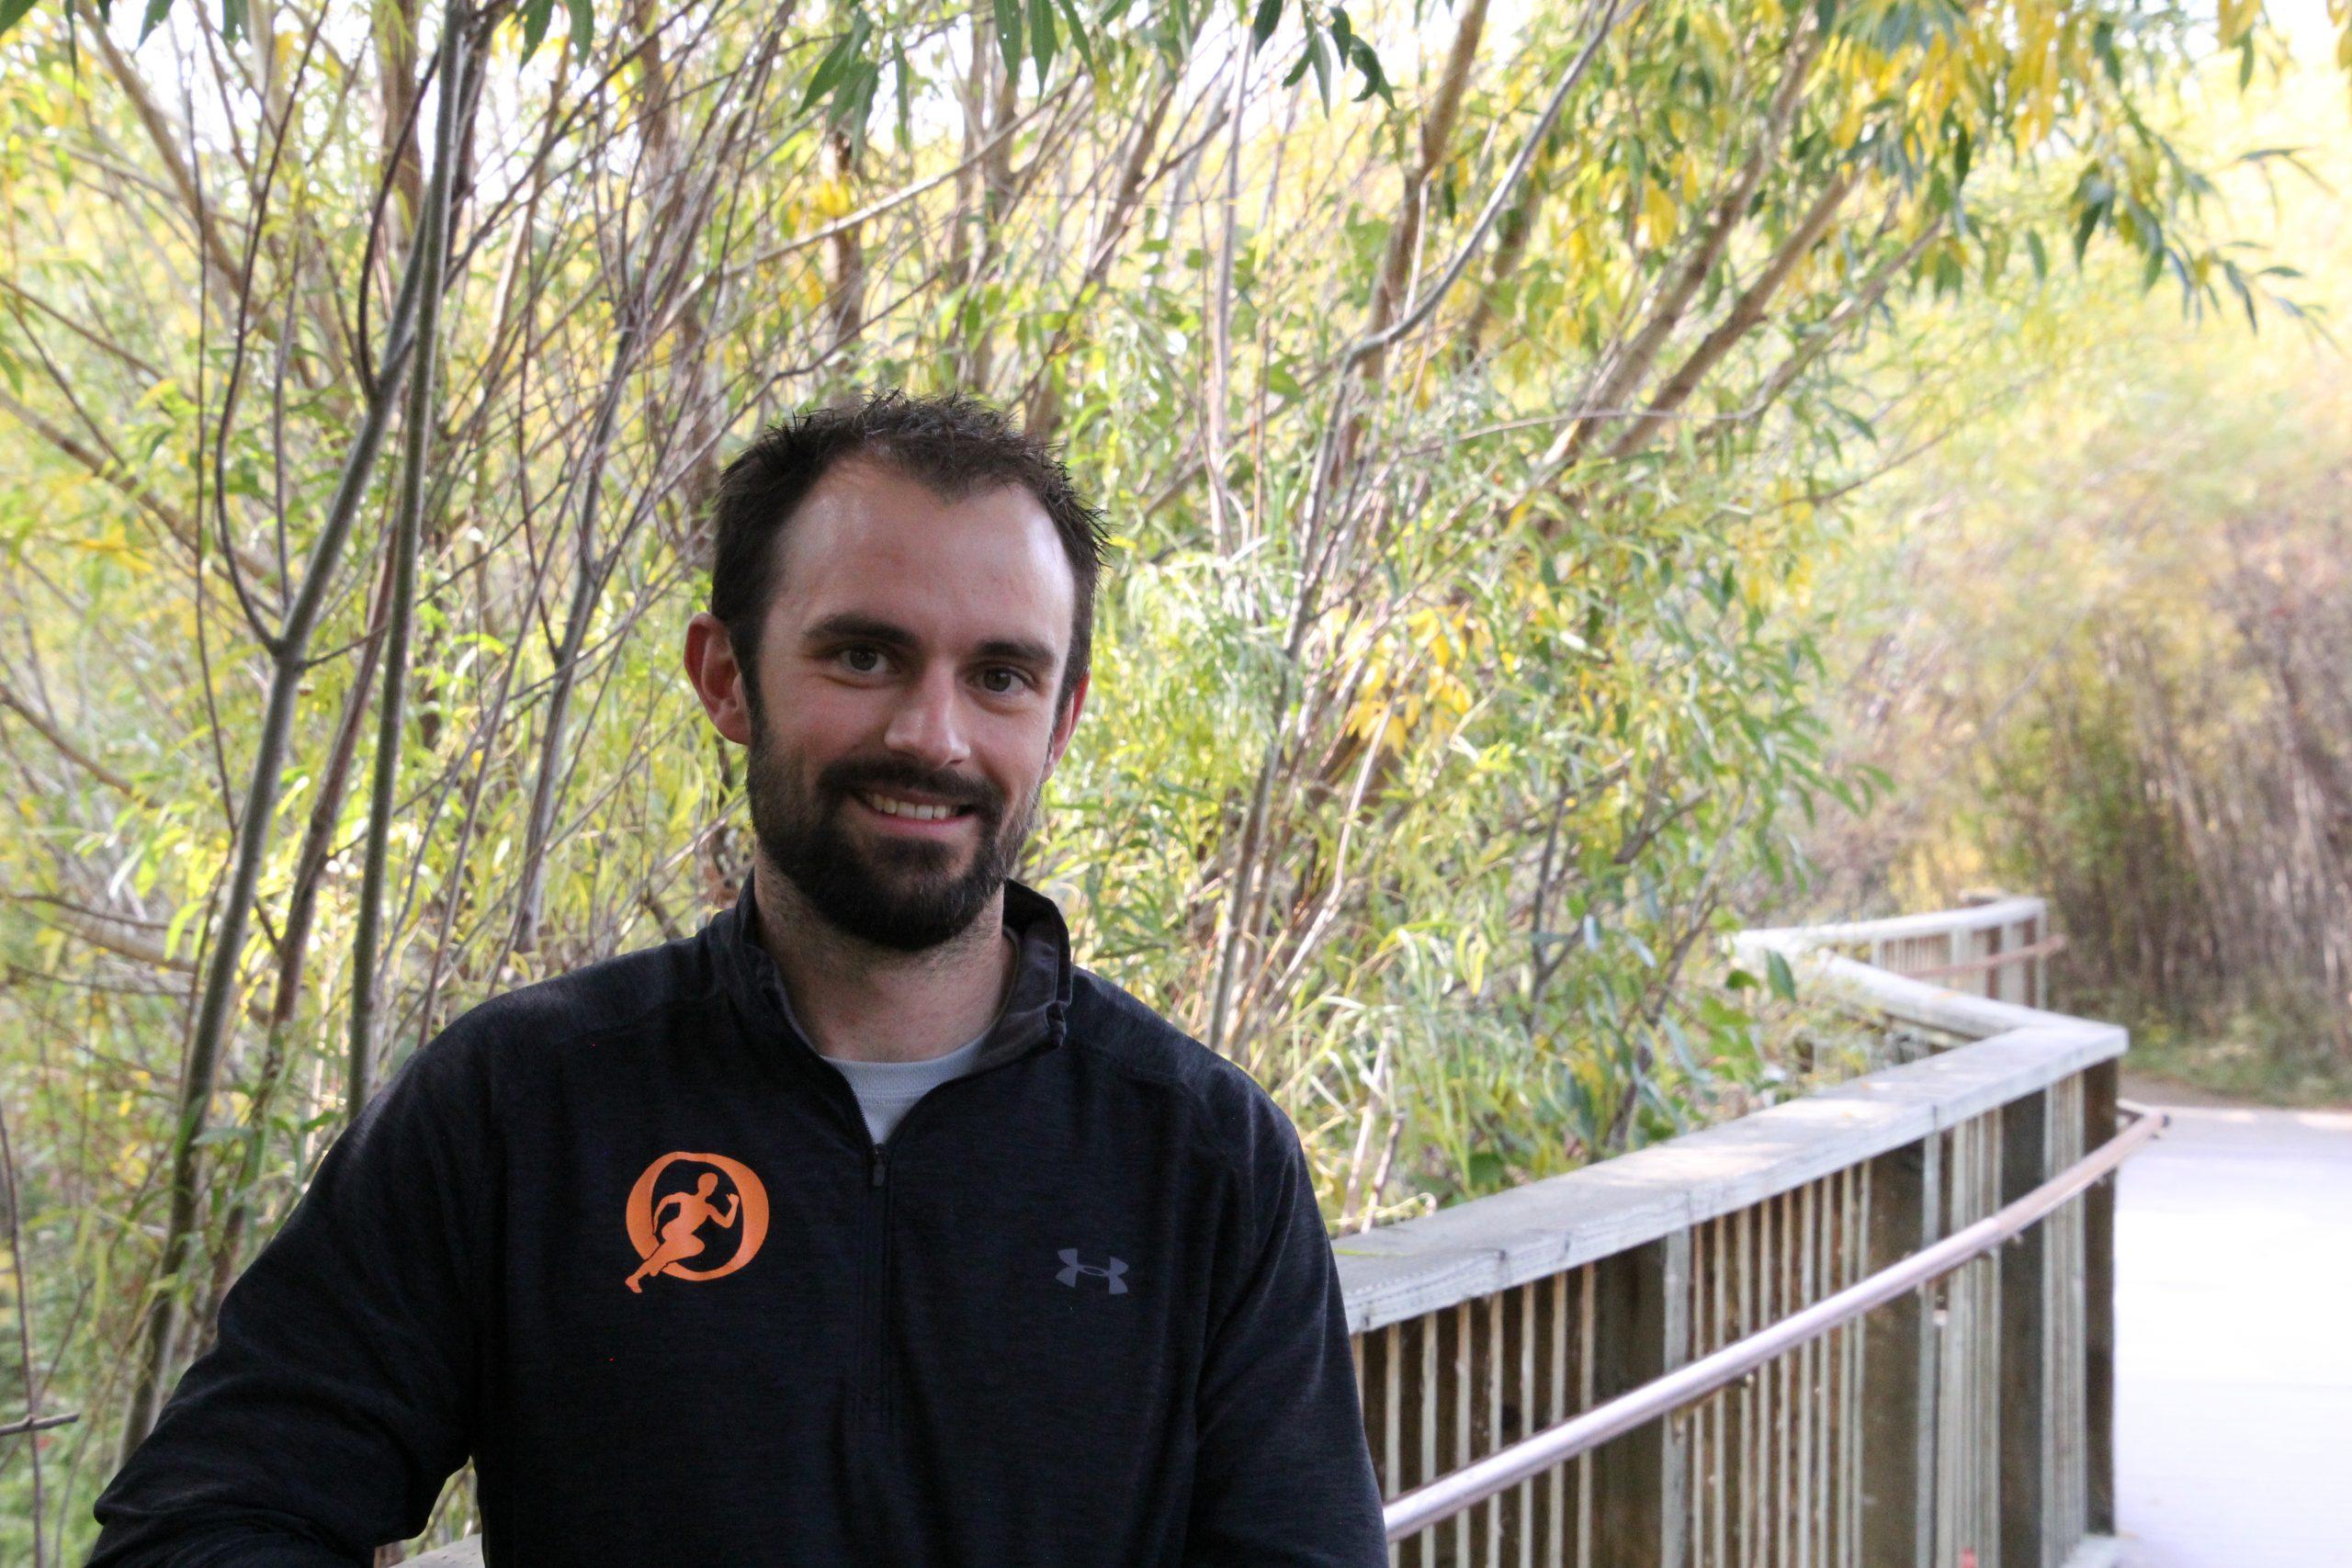 Chris Shafer DPT, CSCS